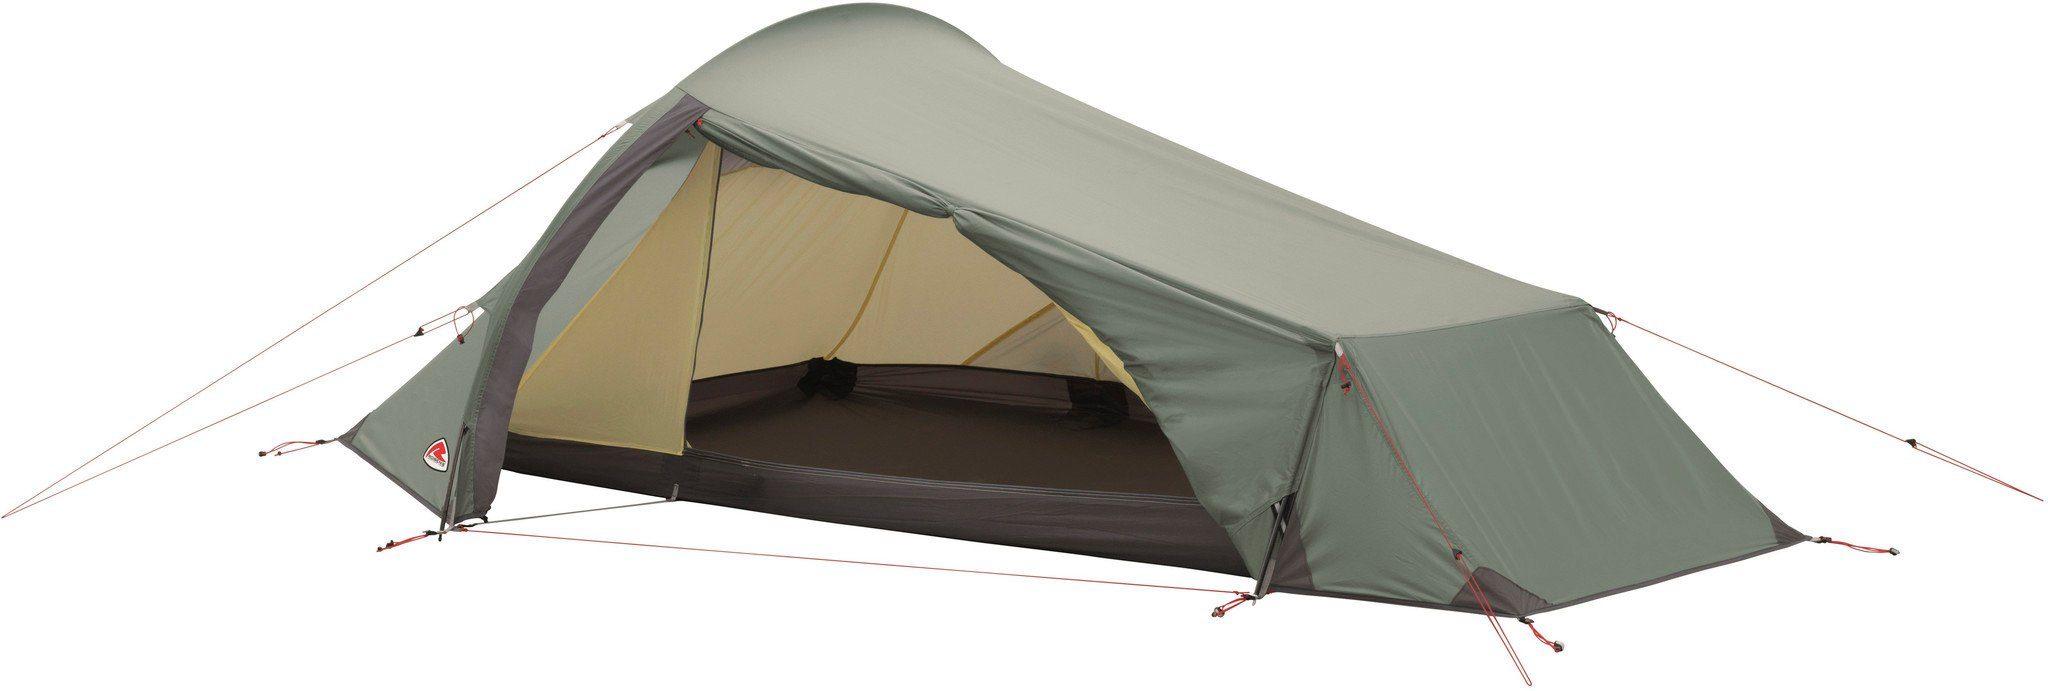 Robens Zelt »Goldcrest 2 Tent«